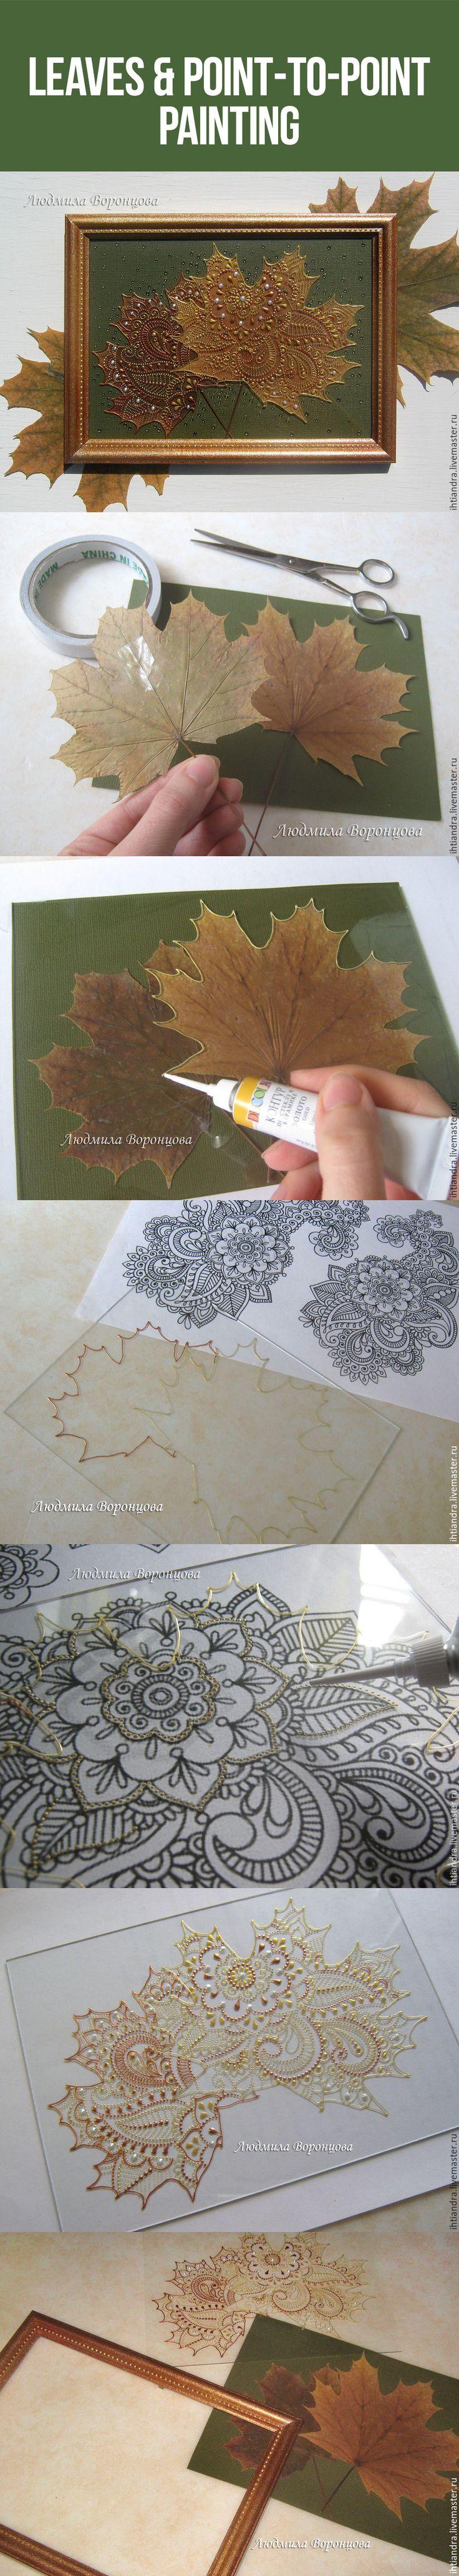 Leaves + point-to-point painting: autumn decor panel tutorial / Необычный арт-подарок ко Дню учителя: листья + точечная роспись